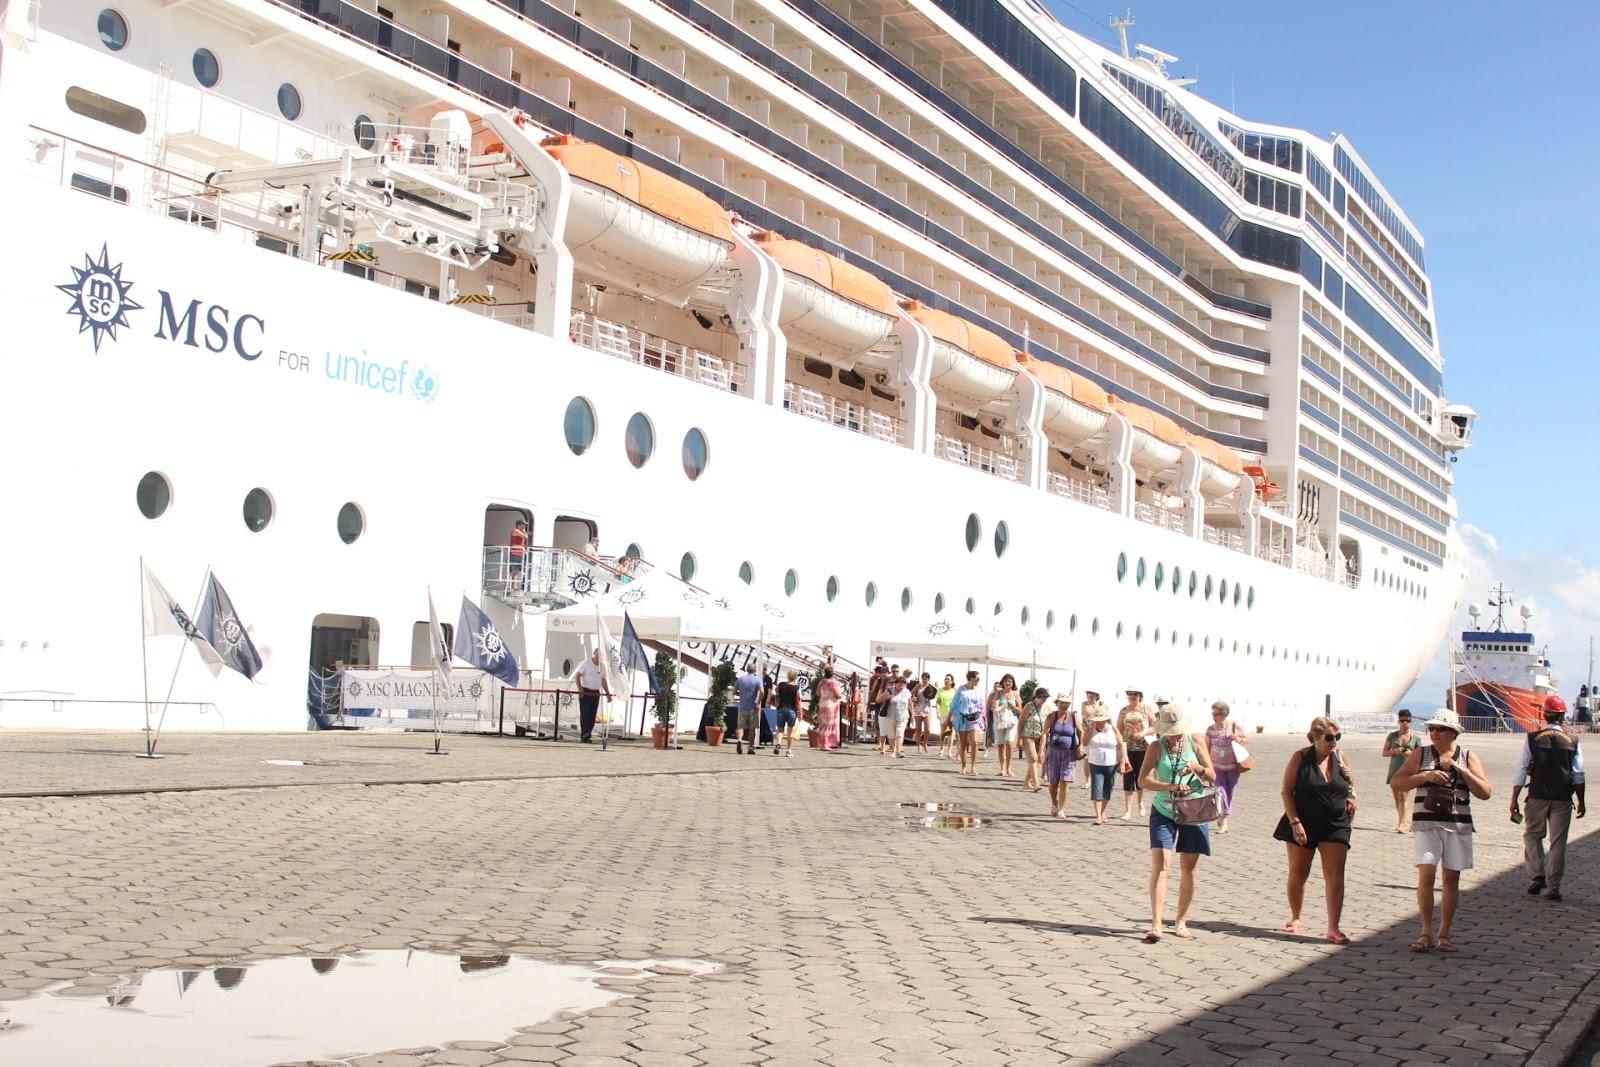 Tresilhasilheos navio msc magn fica aportou pela primeira for Msc magnifica foto